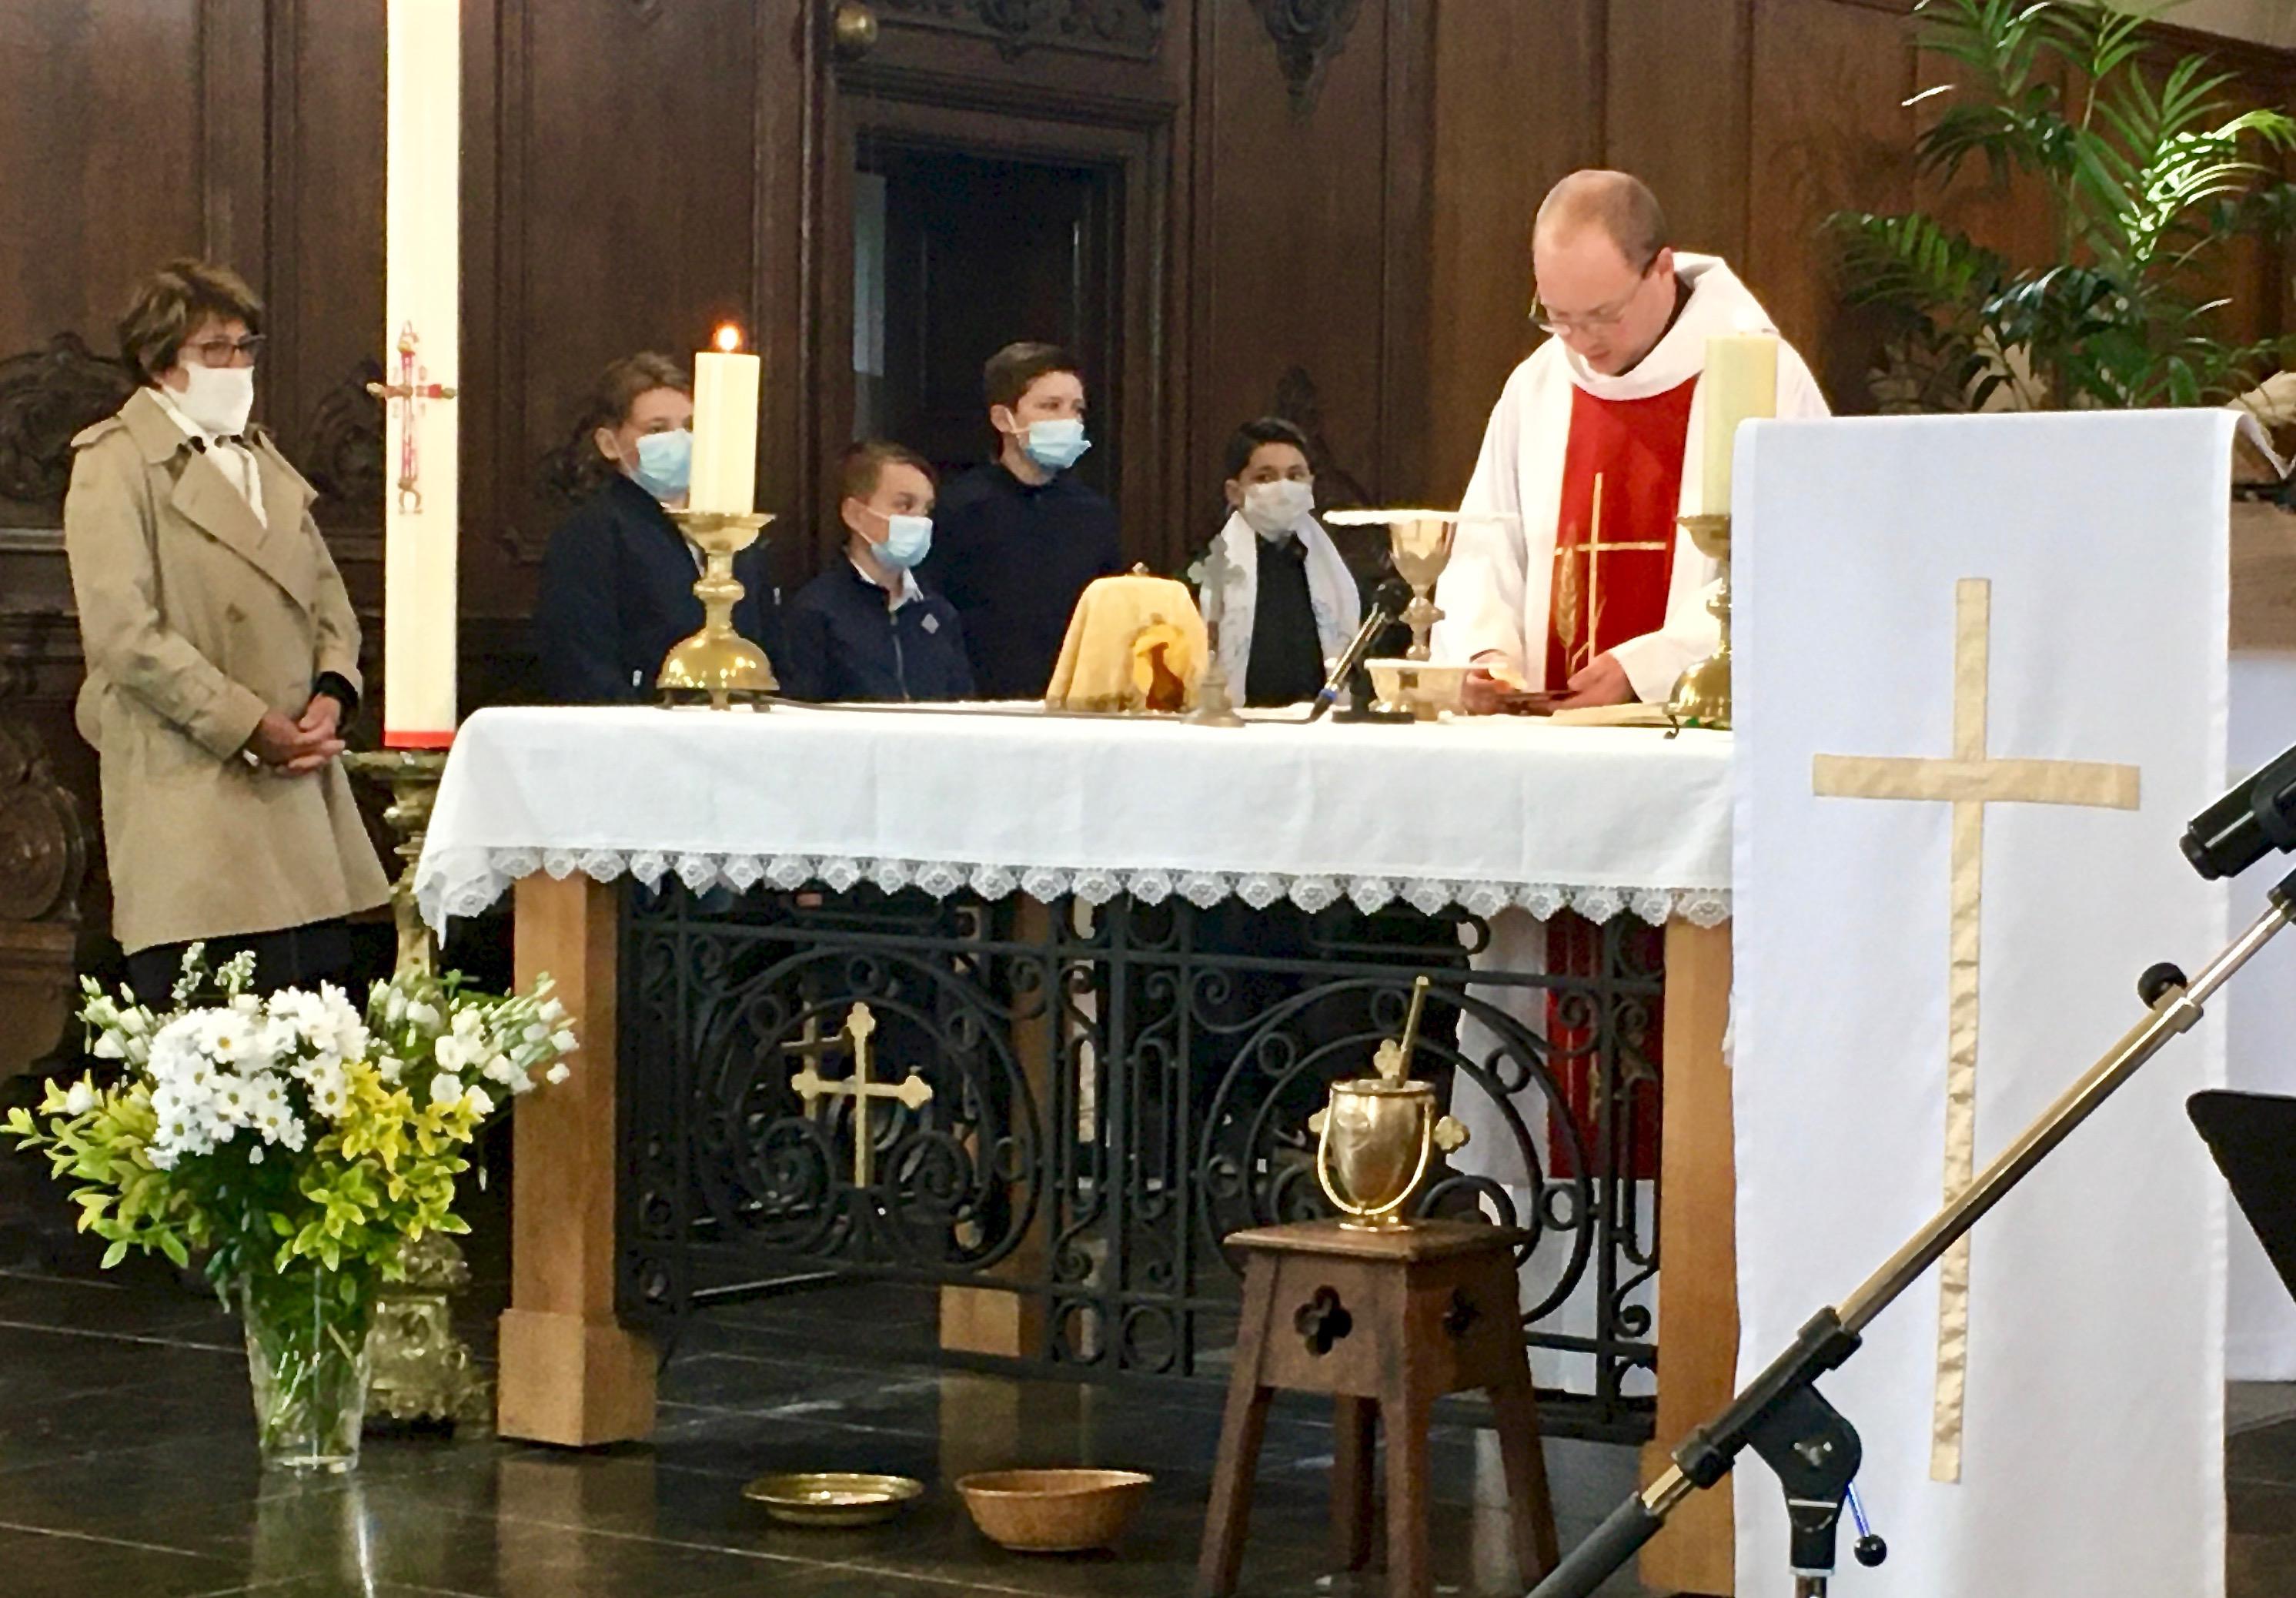 1eres communions Batellerie 1er mai 2021 4